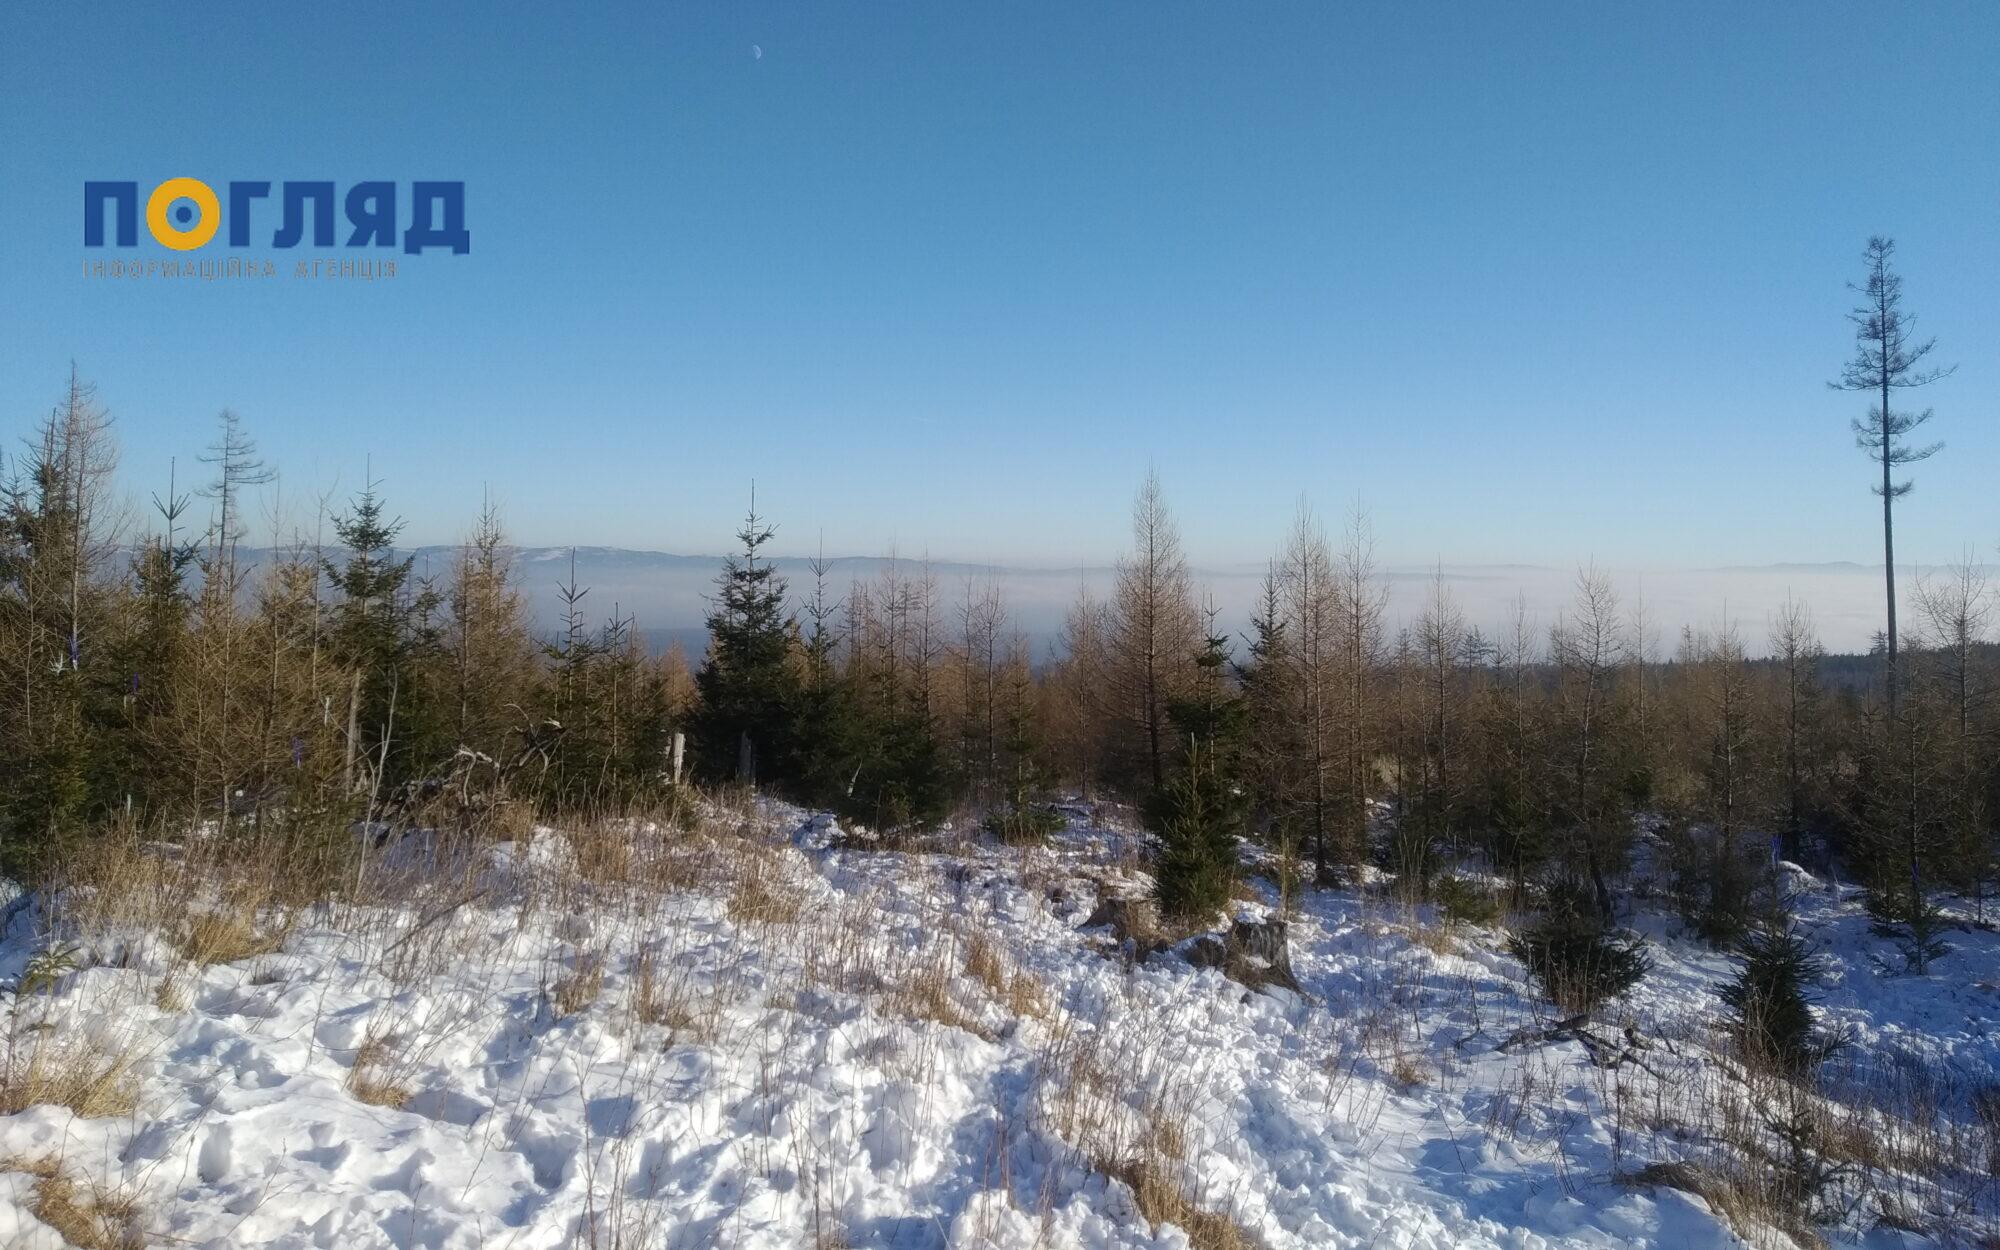 На Україну насуваються морози, але без істотних опадів - прогноз погоди, погода, морози, Зима - IMG 20200103 144630 2000x1250